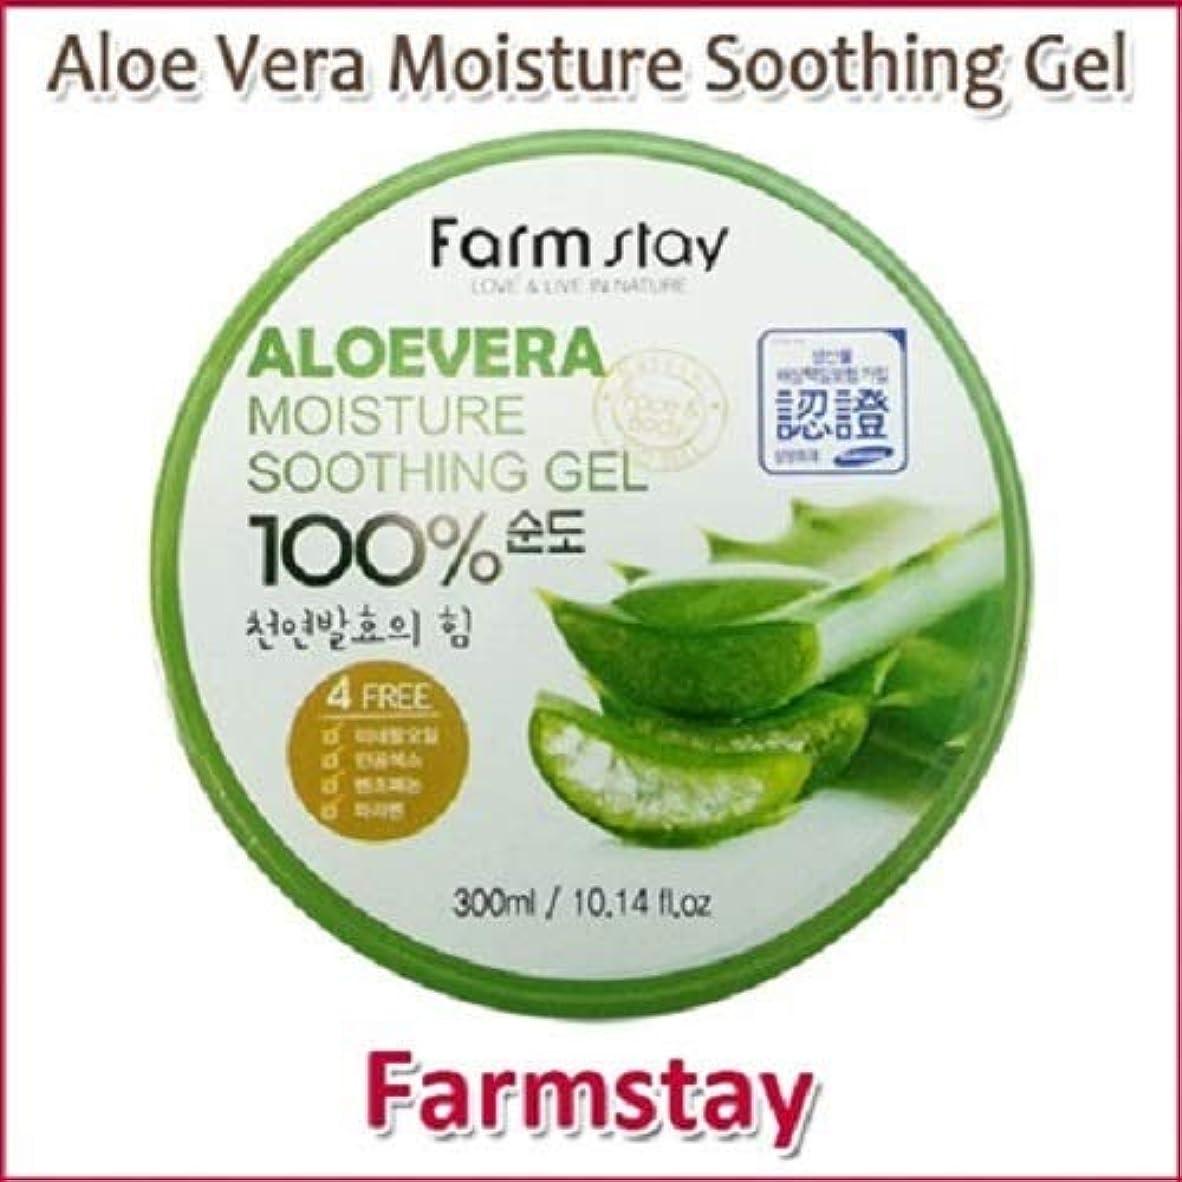 散る無駄だ彼自身Farm Stay Aloe Vera Moisture Soothing Gel 300ml /オーガニック アロエベラゲル 100%/保湿ケア/韓国コスメ/Aloe Vera 100% /Moisturizing [...